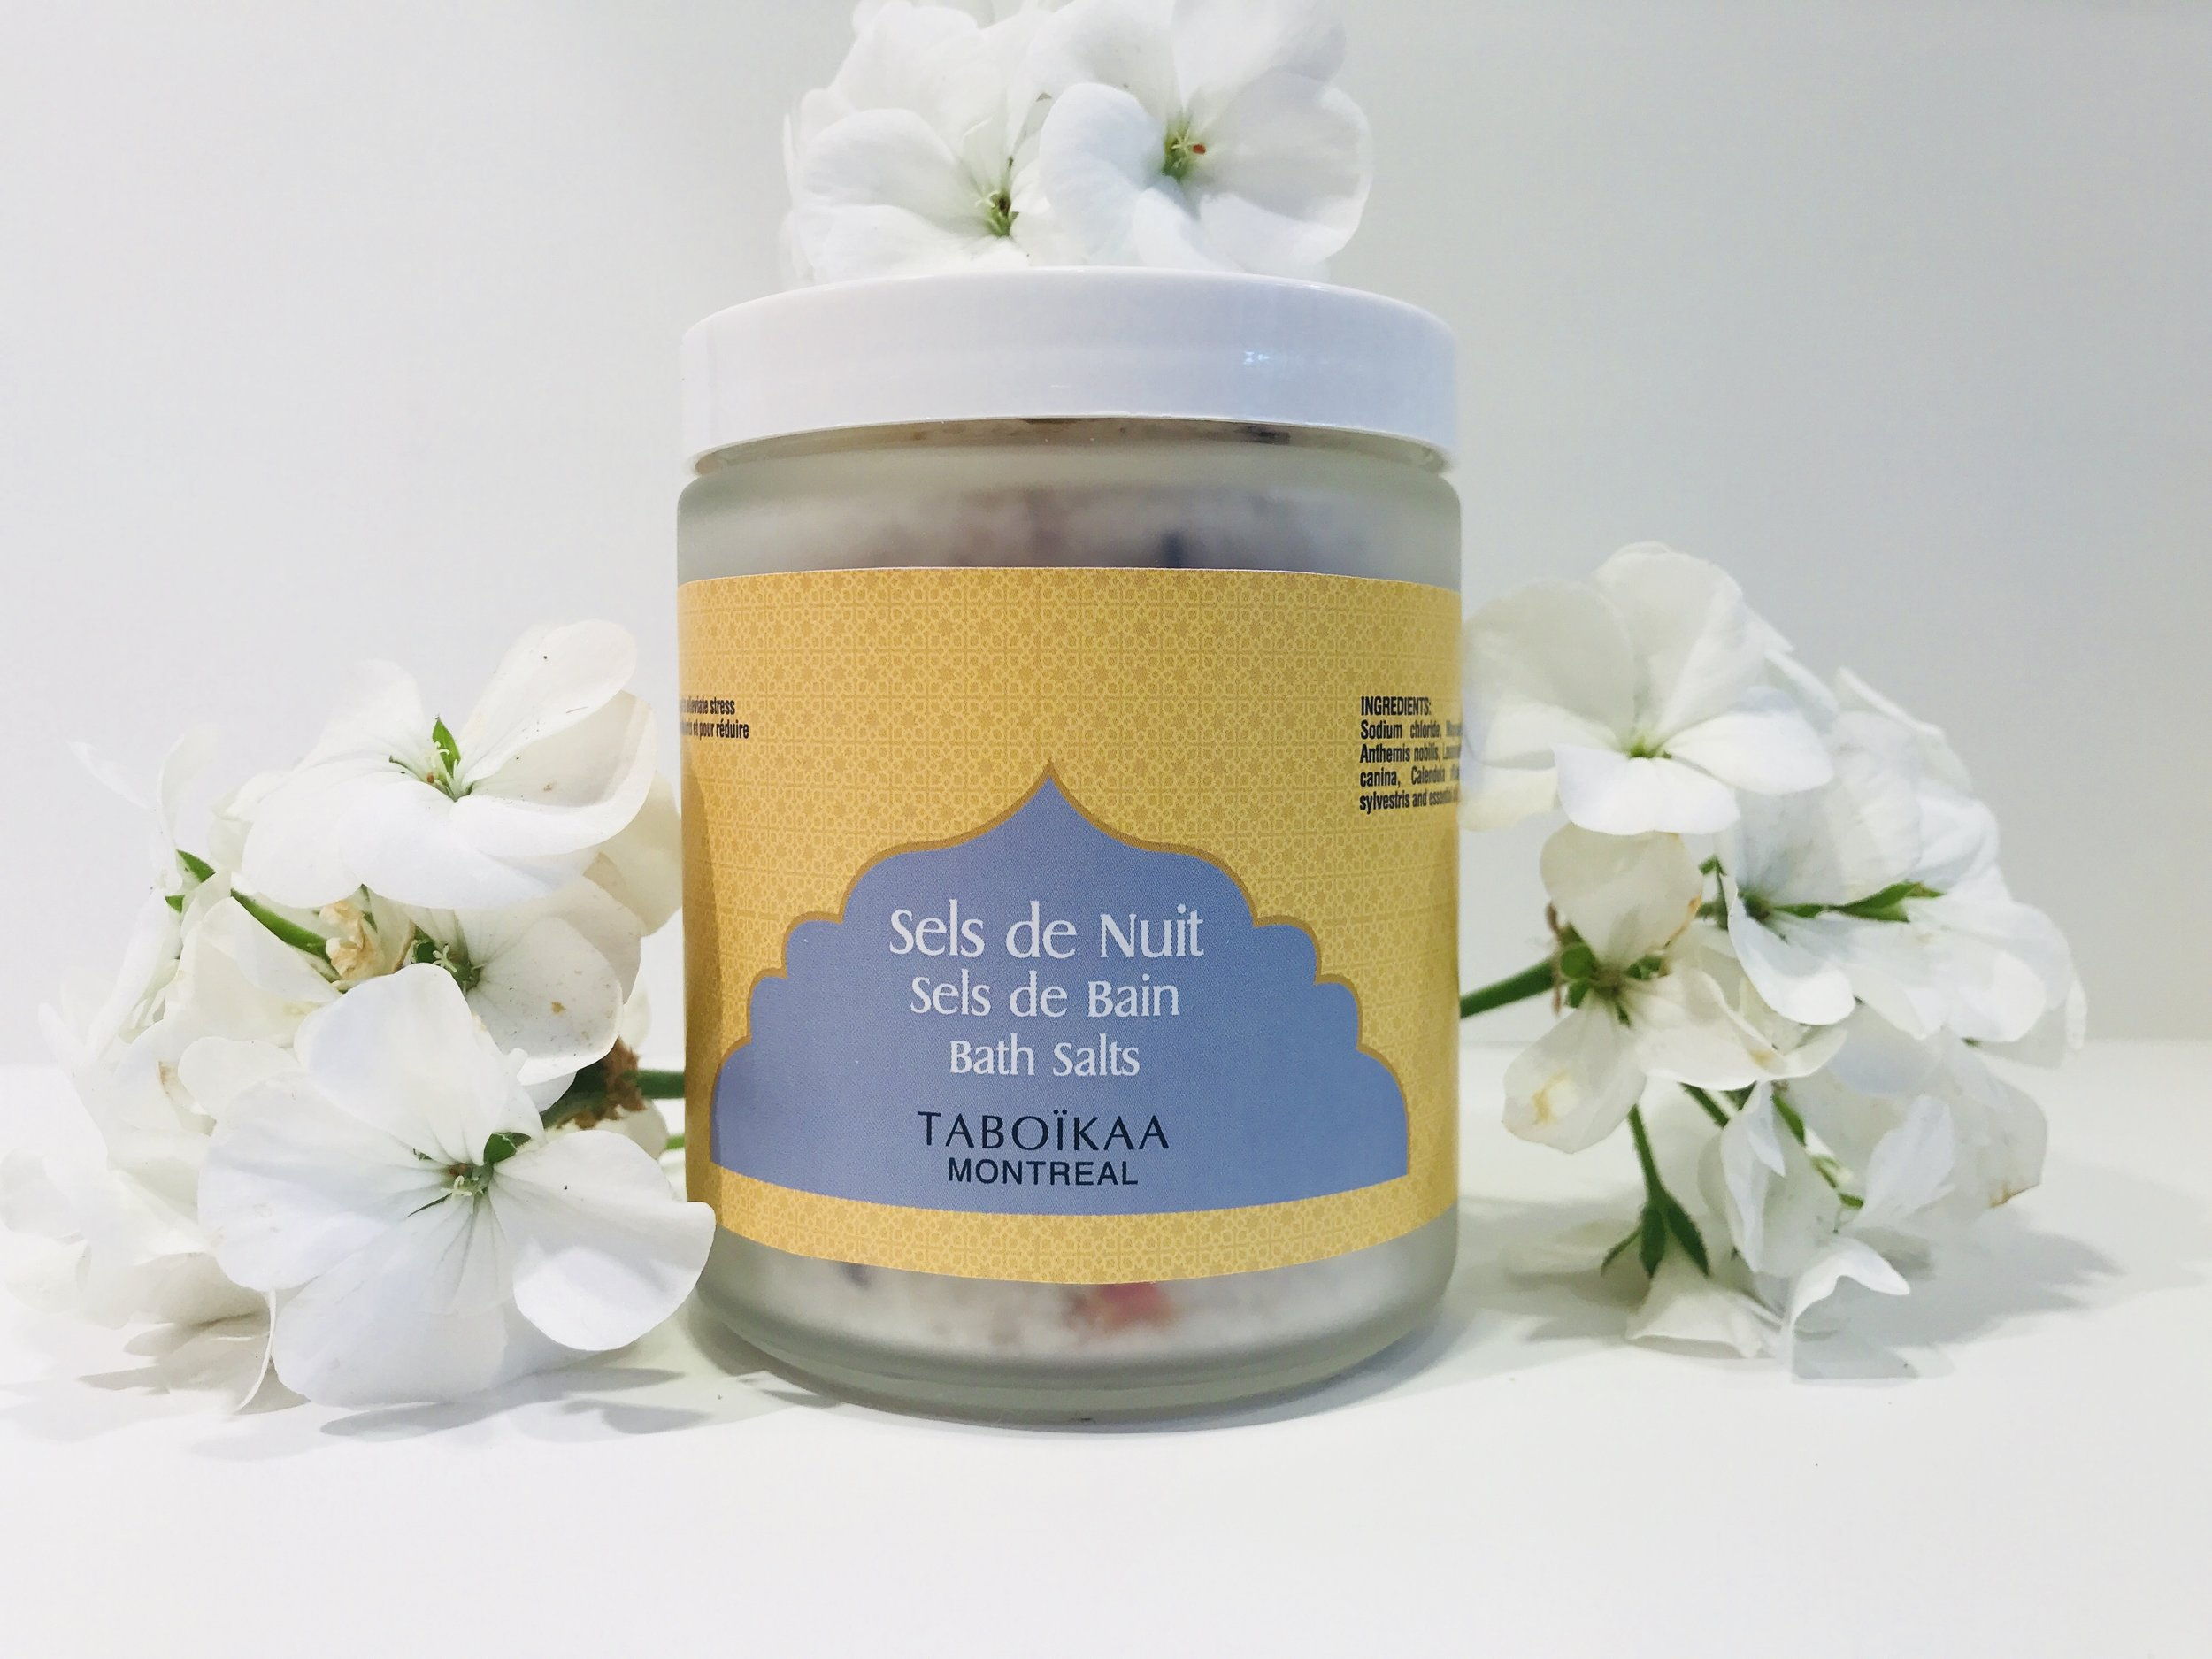 - SELS DE NUITContains a wonderful blend of florals, deliciously scented. Very relaxing.INg Epsom salts, Dead sea salts, Brittany salts, Malva, Calendula, Lavender, Rose petals, Pogostemon cablin, Lavendula angustifolia, Aniba rosaeodora.Contient un doux mélange de fleurs, délicatement parfumé. Très relaxant.